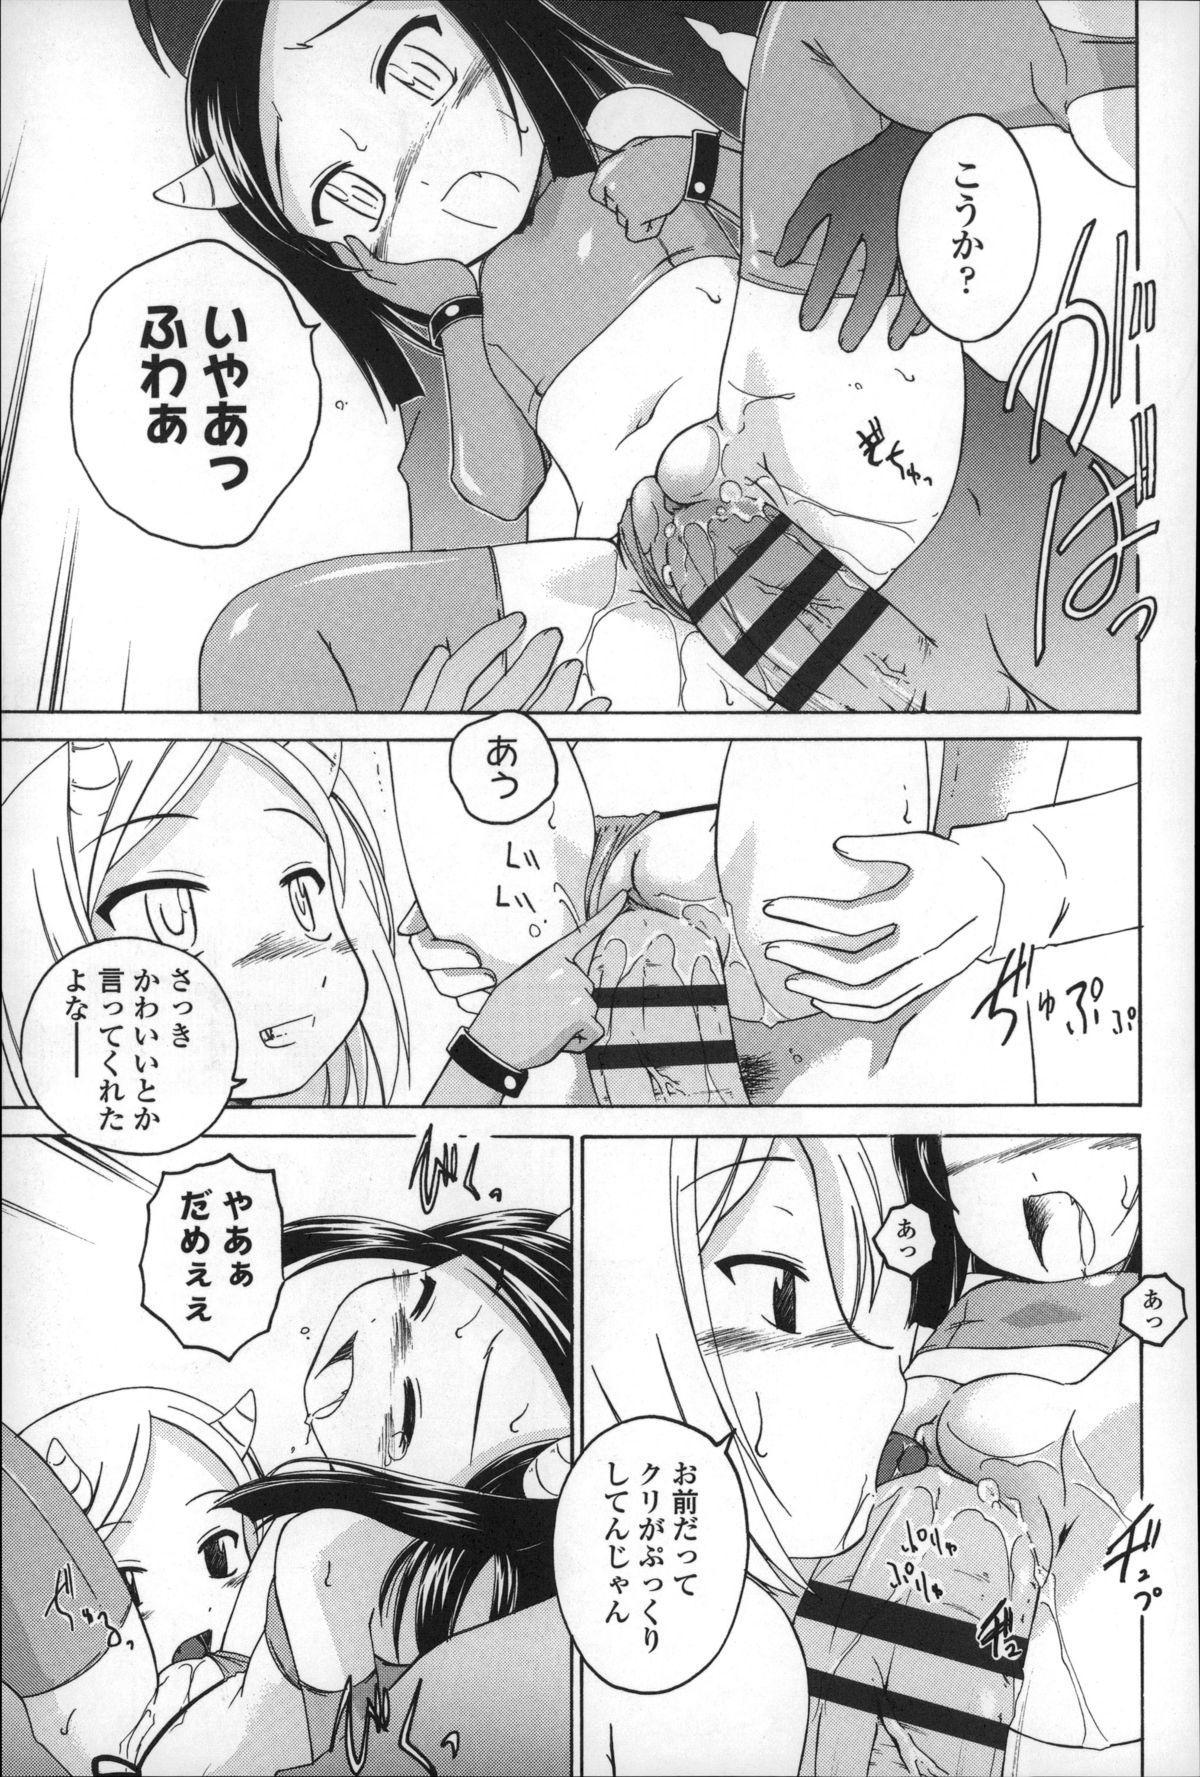 Youshou no Hana no Himitsu - The secret of Girls flowers 150